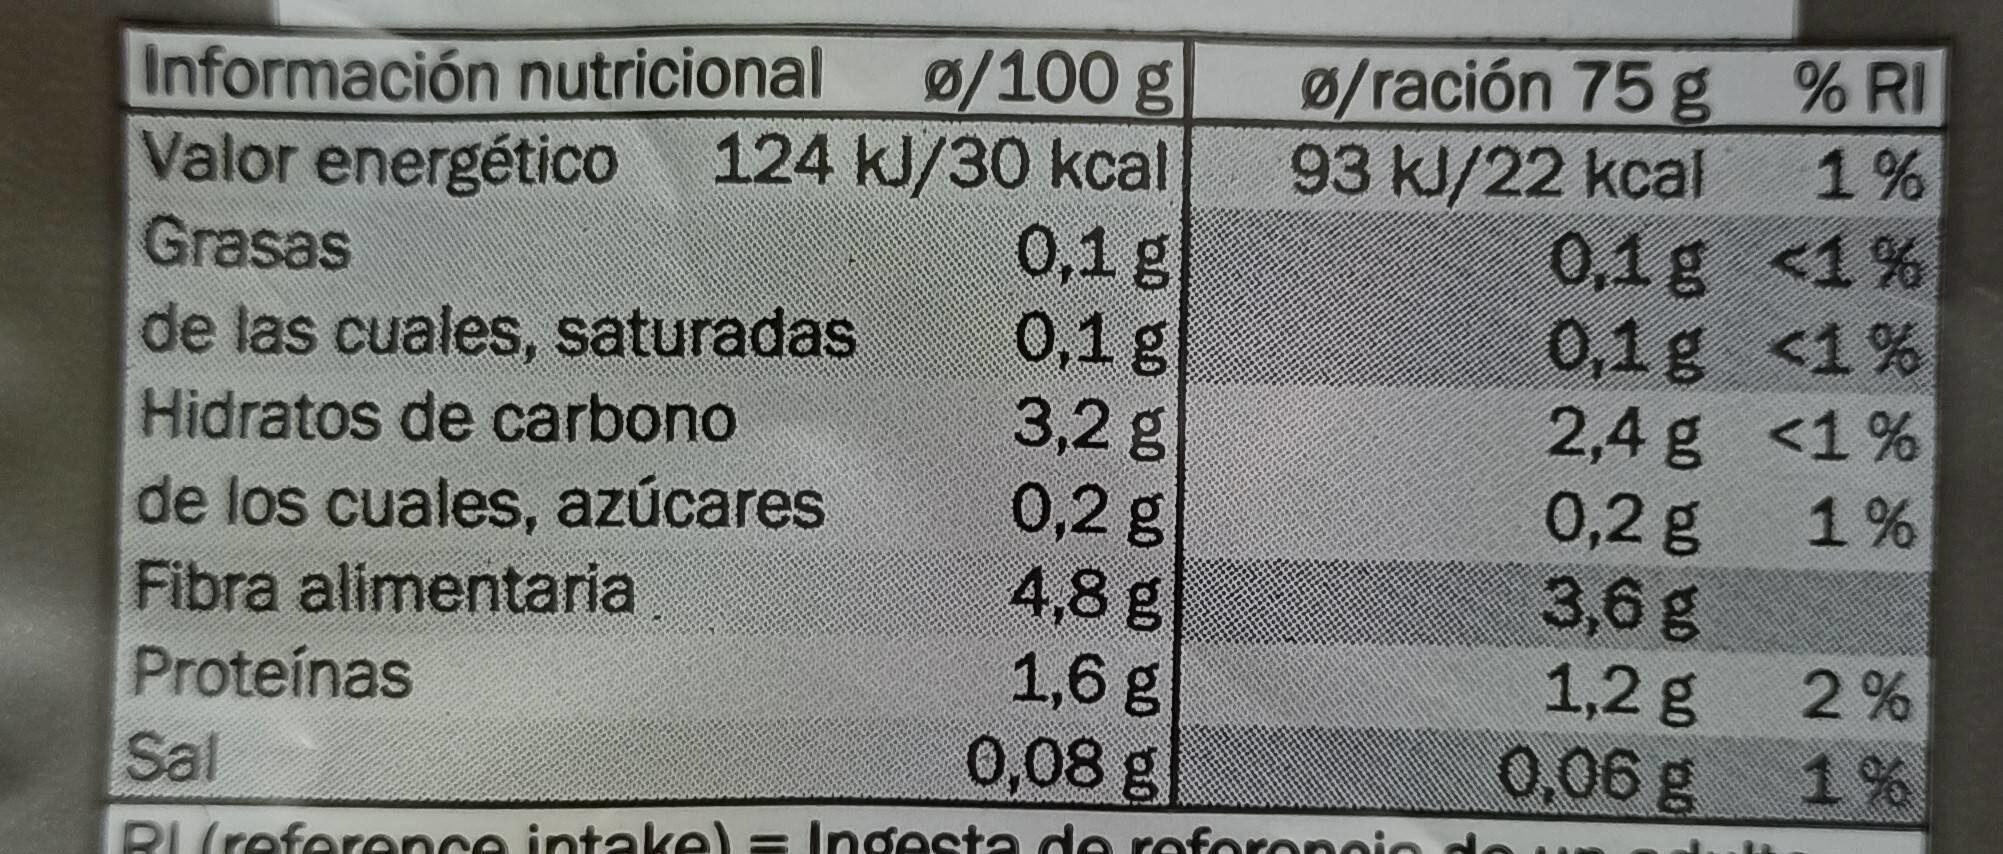 Deluxe - Informació nutricional - es